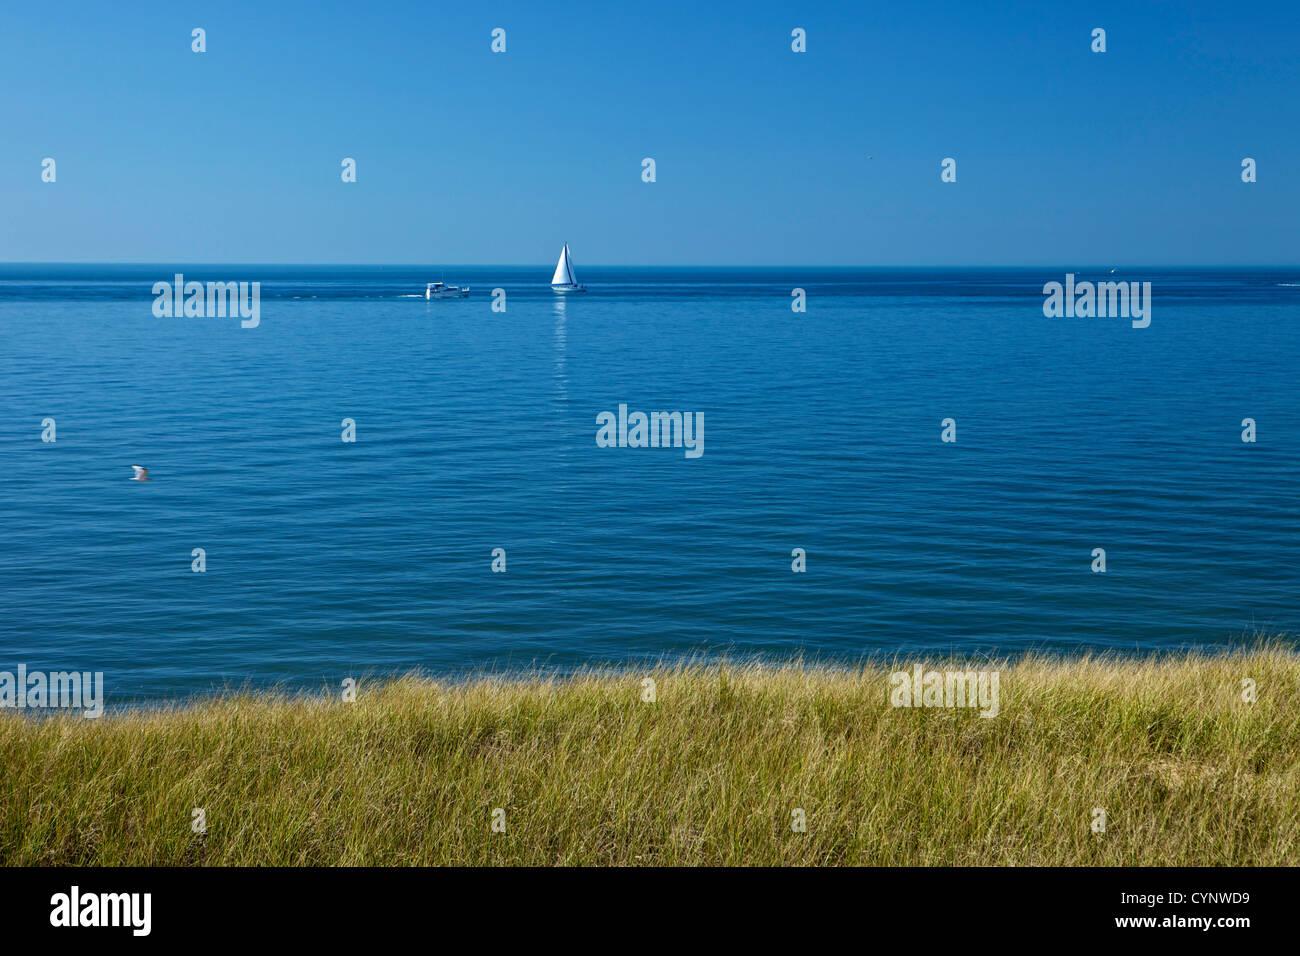 El Lago Michigan en un día tranquilo con agua azul oscuro y los barcos en la distancia Imagen De Stock